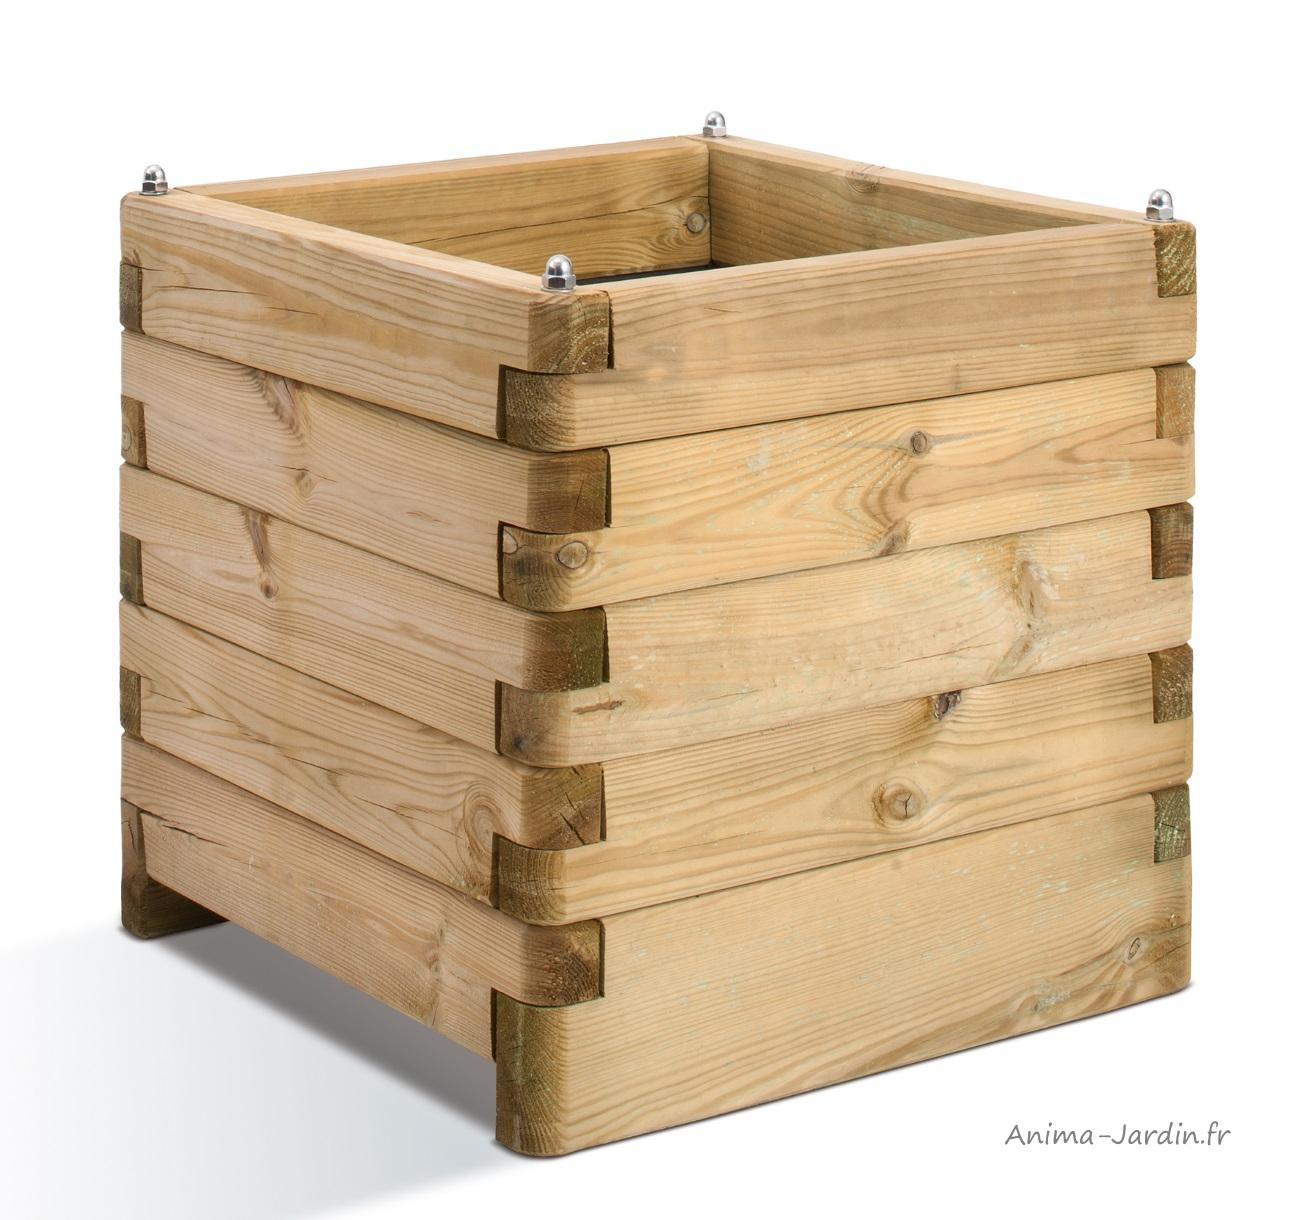 Treillis Bois Pas Cher 06dac16bdd6 bac bois jardin - yogsudha